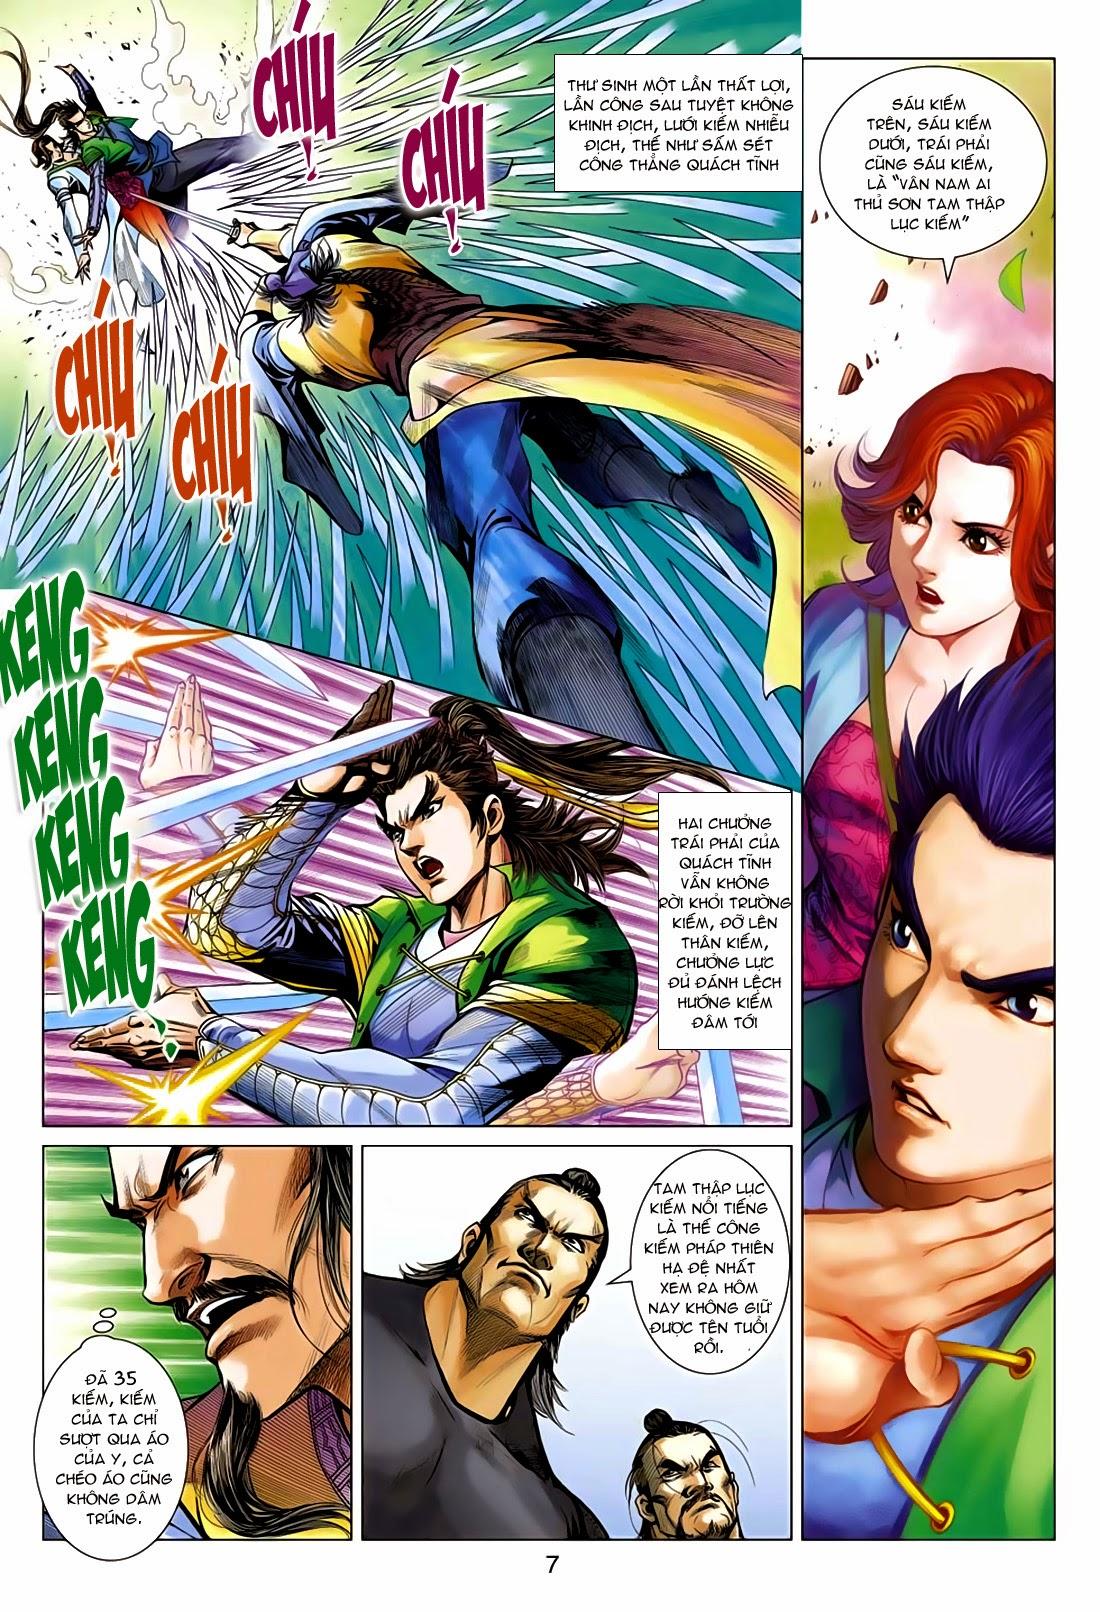 Anh Hùng Xạ Điêu anh hùng xạ đêu chap 75: hoàng thành cựu sự trang 7